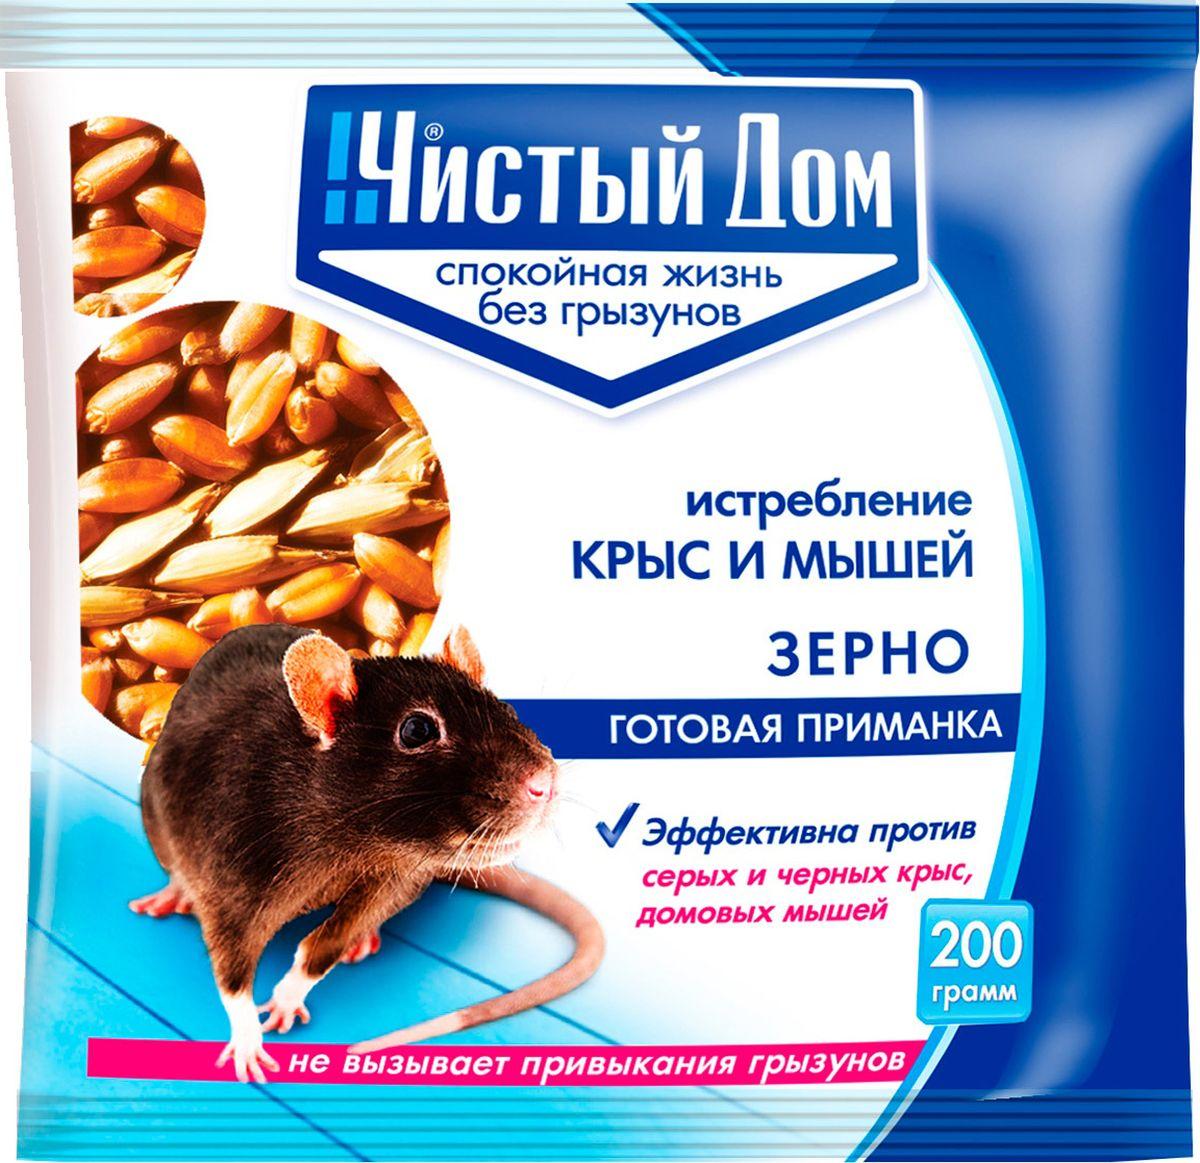 Приманка Чистый Дом, от крыс и мышей, зерновая, 200 г03-028Приманка Чистый Дом - универсальное готовое к применению средство от мышей, крыс и полевок.Основа Форэта - натуральные зерна пшеницы, что обеспечивает отличную поедаемость грызунами.Товар сертифицирован.